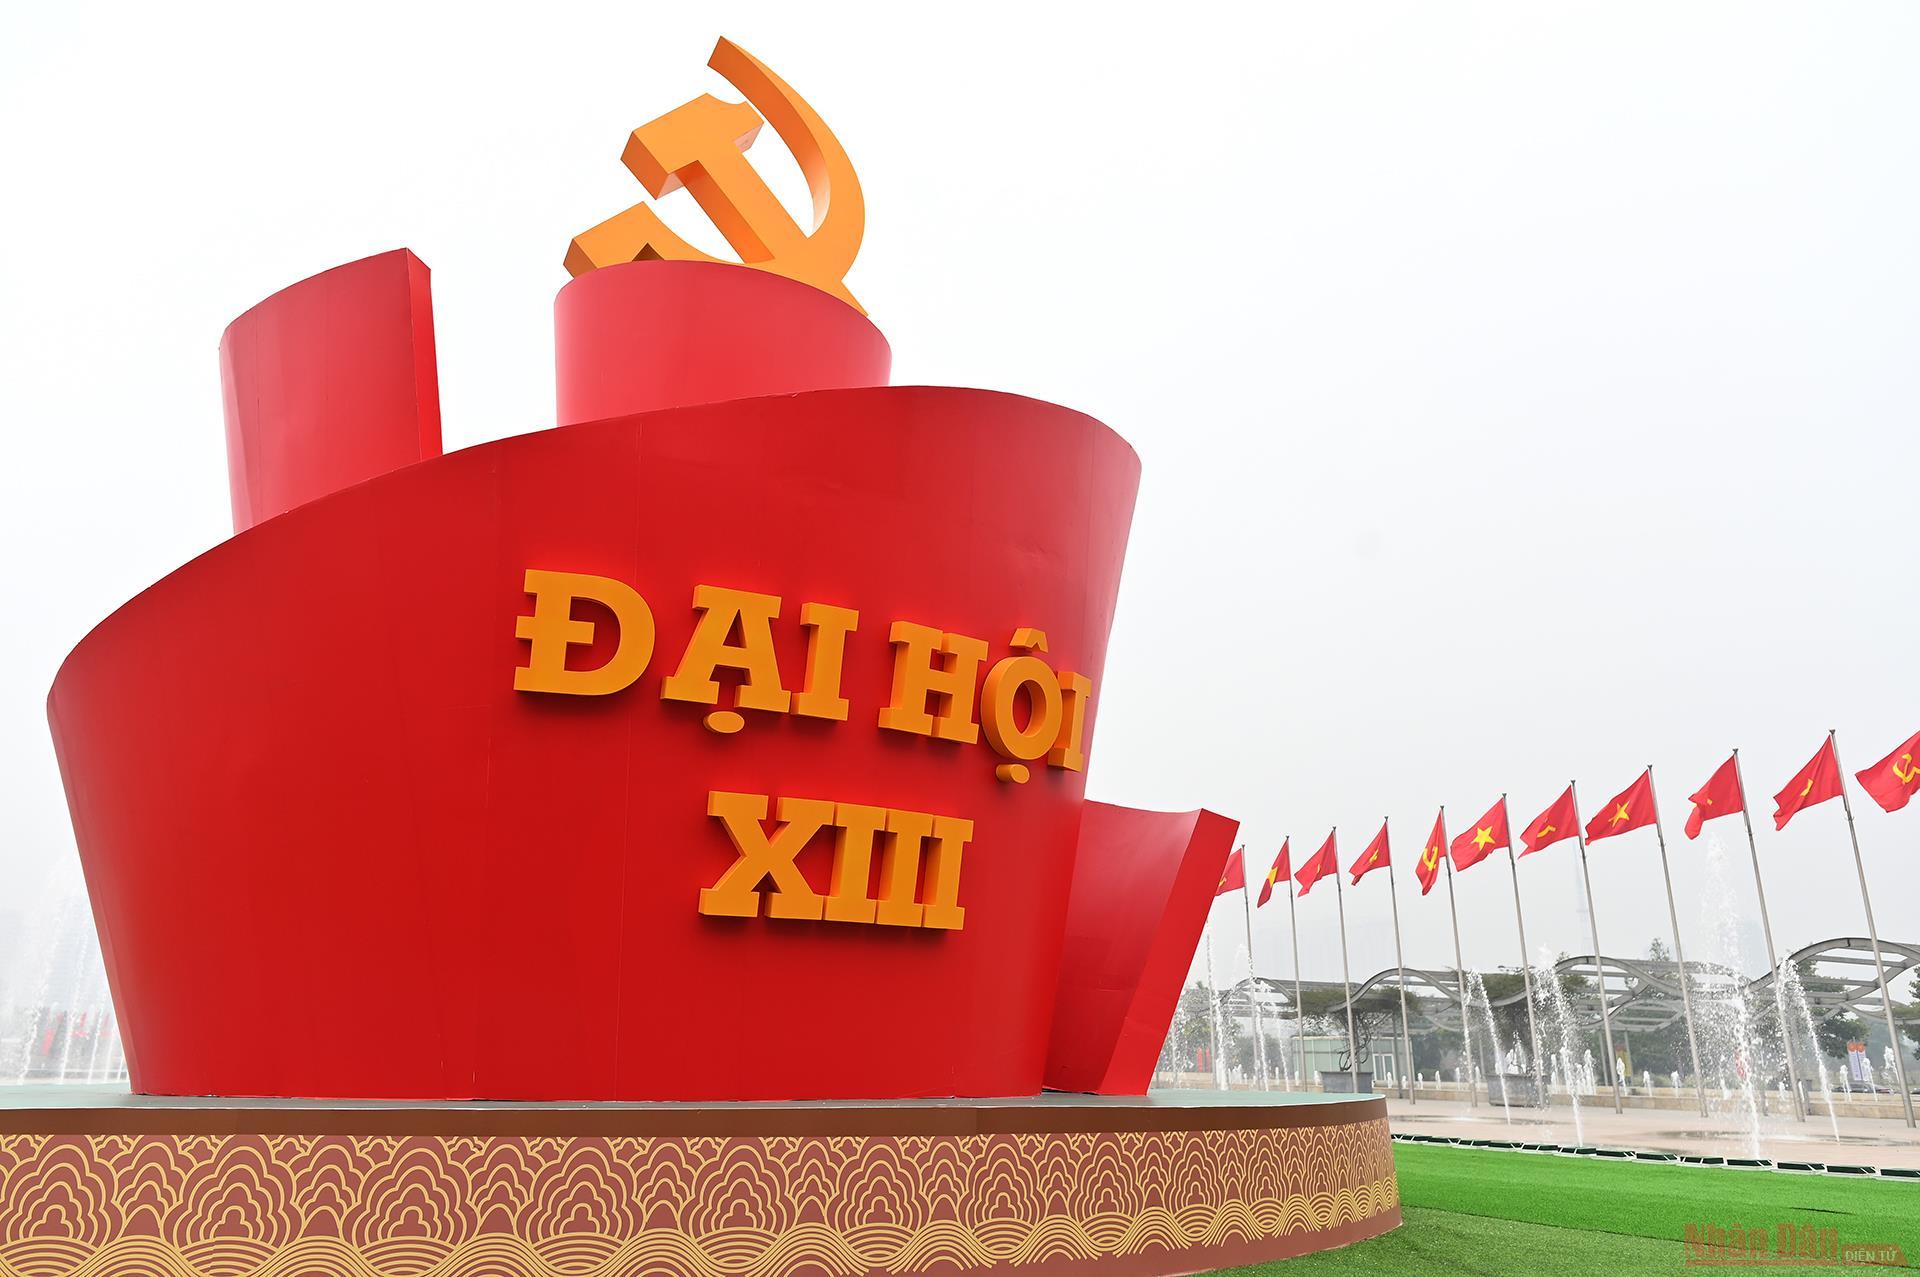 Trung tâm Hội nghị quốc gia - nơi tổ chức Đại hội Đảng toàn quốc lần thứ XIII rực rỡ cờ hoa chào mừng Đại hội.